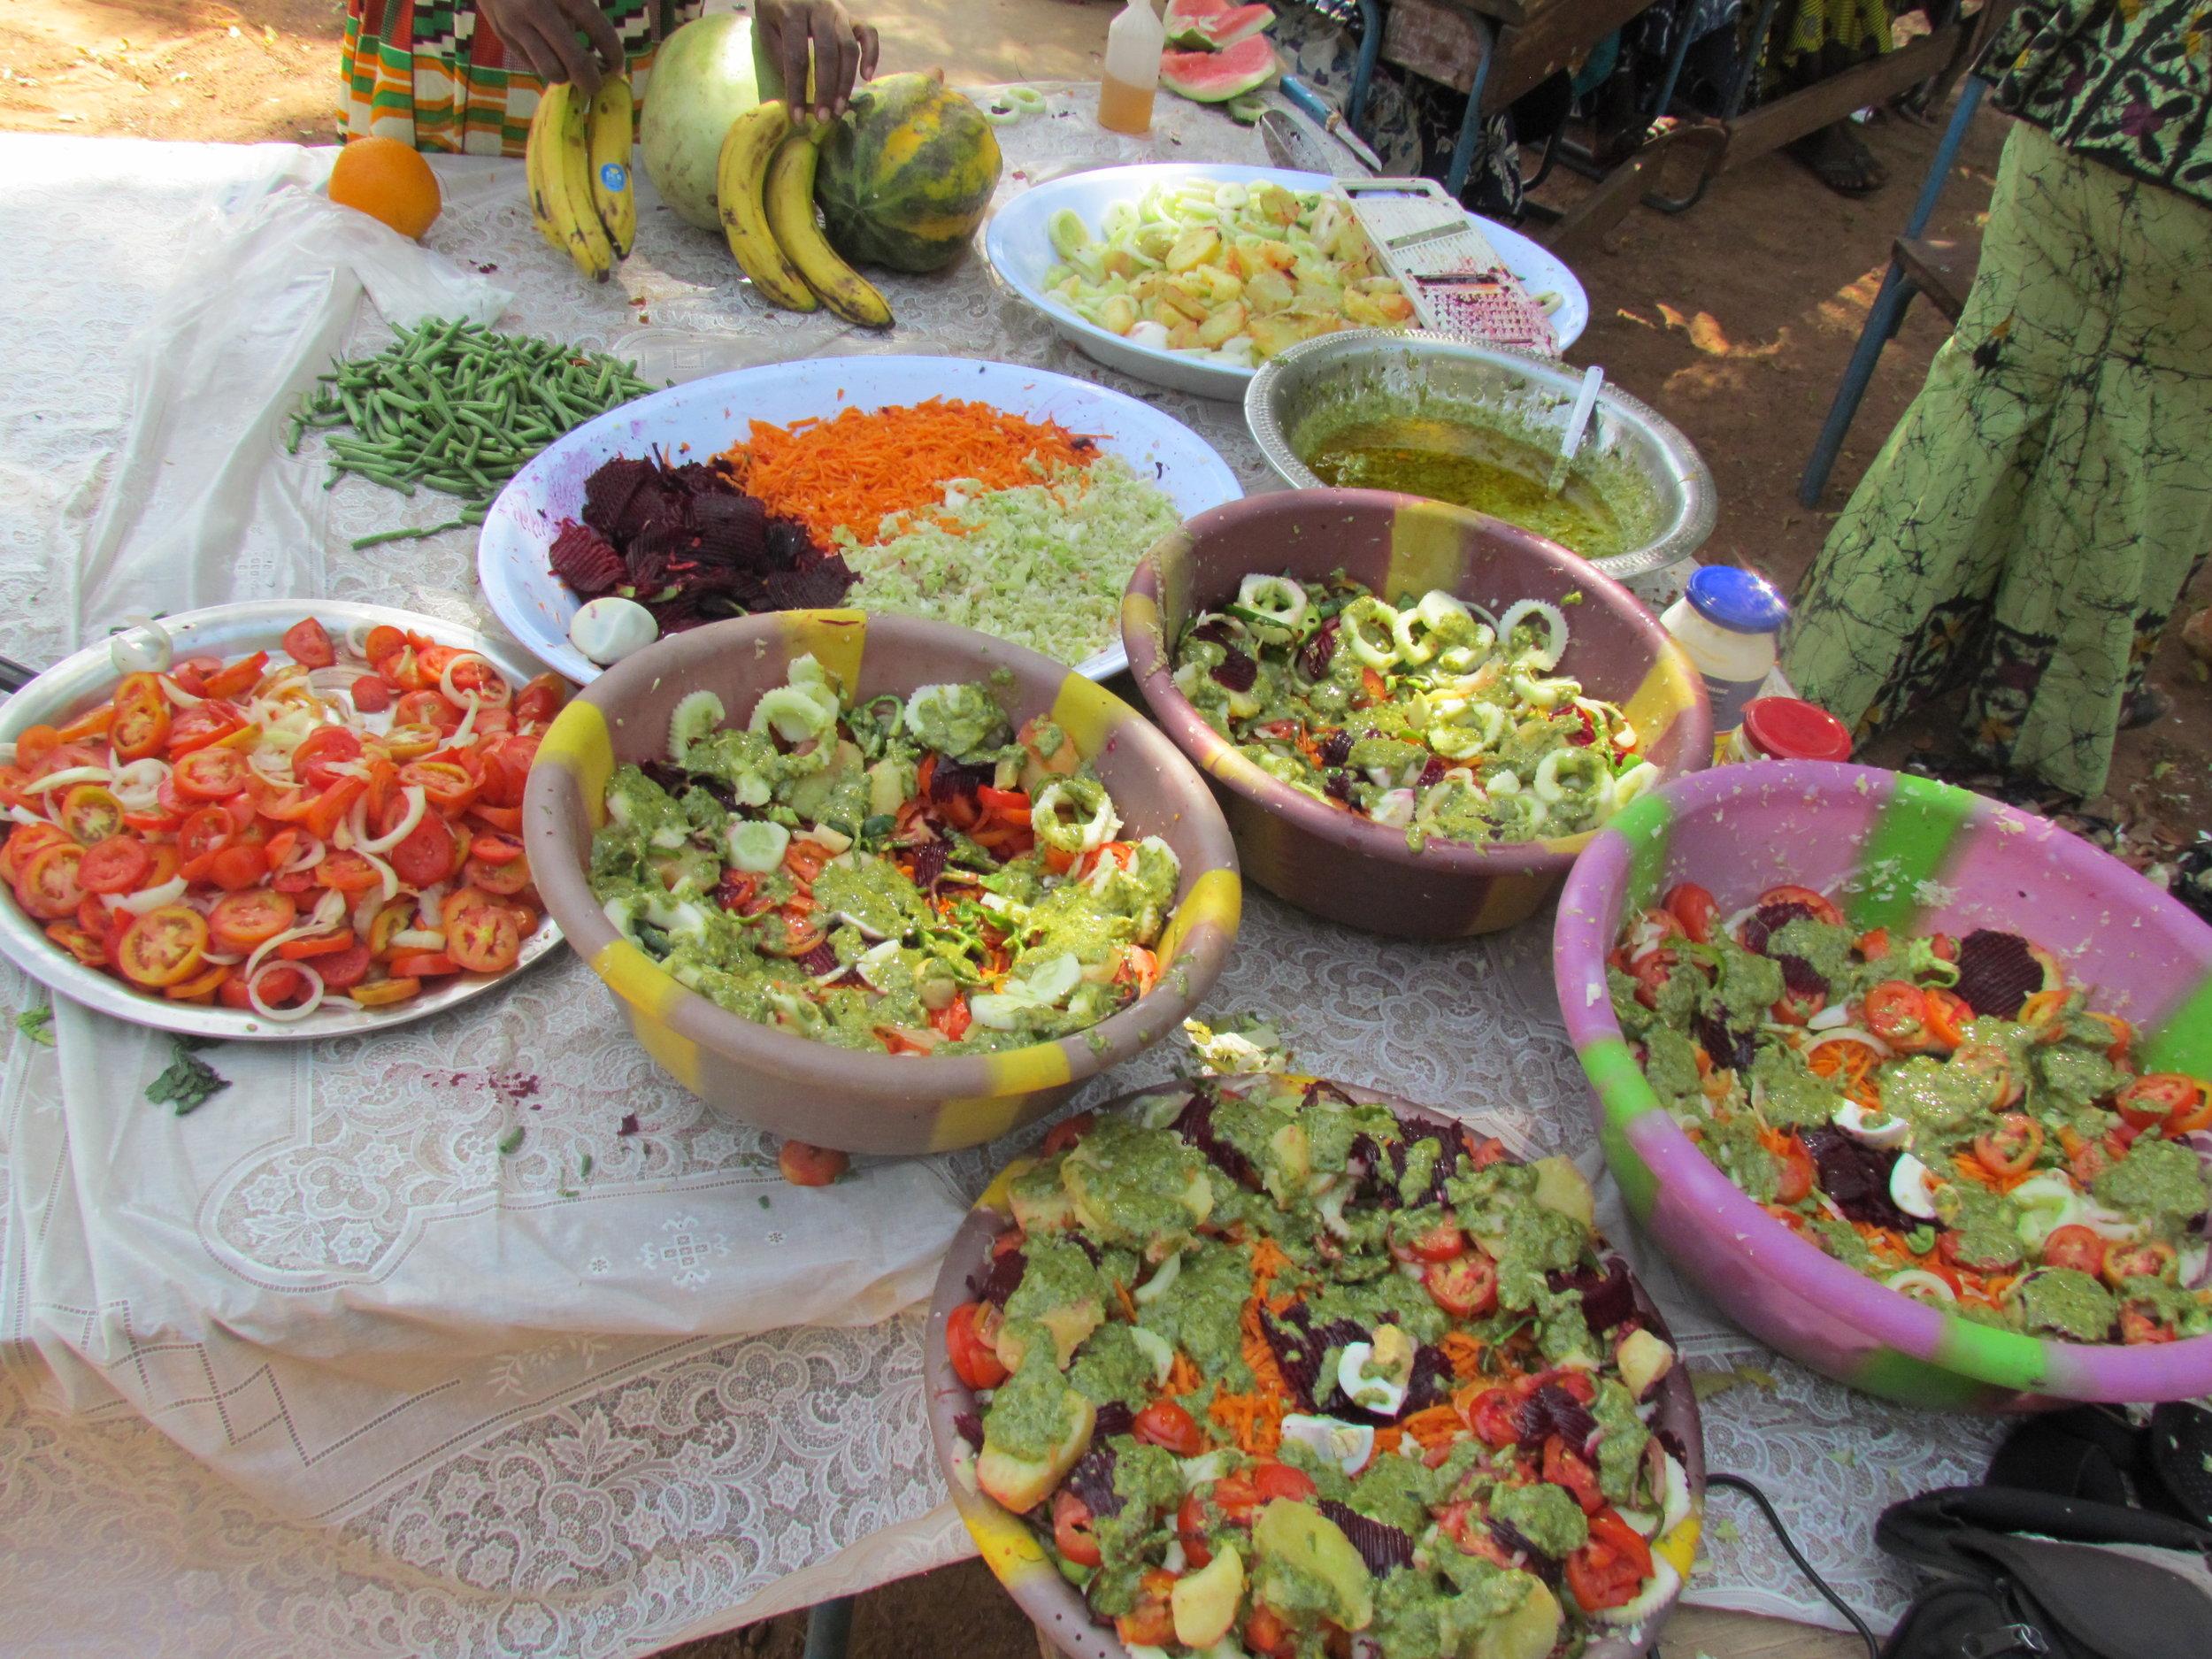 Vegetable salad.